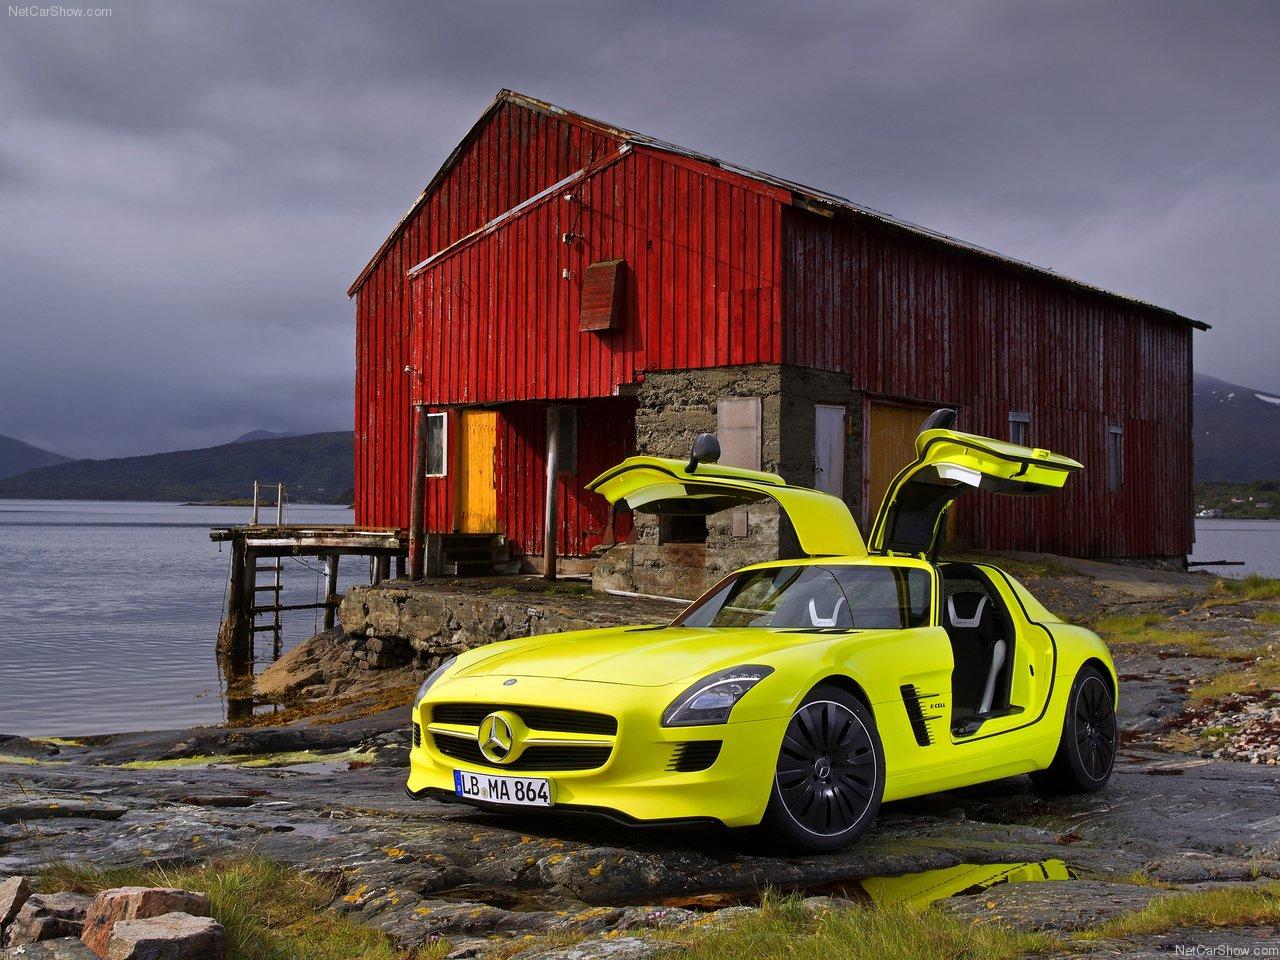 http://2.bp.blogspot.com/-DDuw2cDgRew/TWFpn3Of7iI/AAAAAAAAKYw/bqrJwZheoTc/s1600/Mercedes-Benz-SLS_AMG_E-Cell_Concept_2010_1280x960_wallpaper_05.jpg